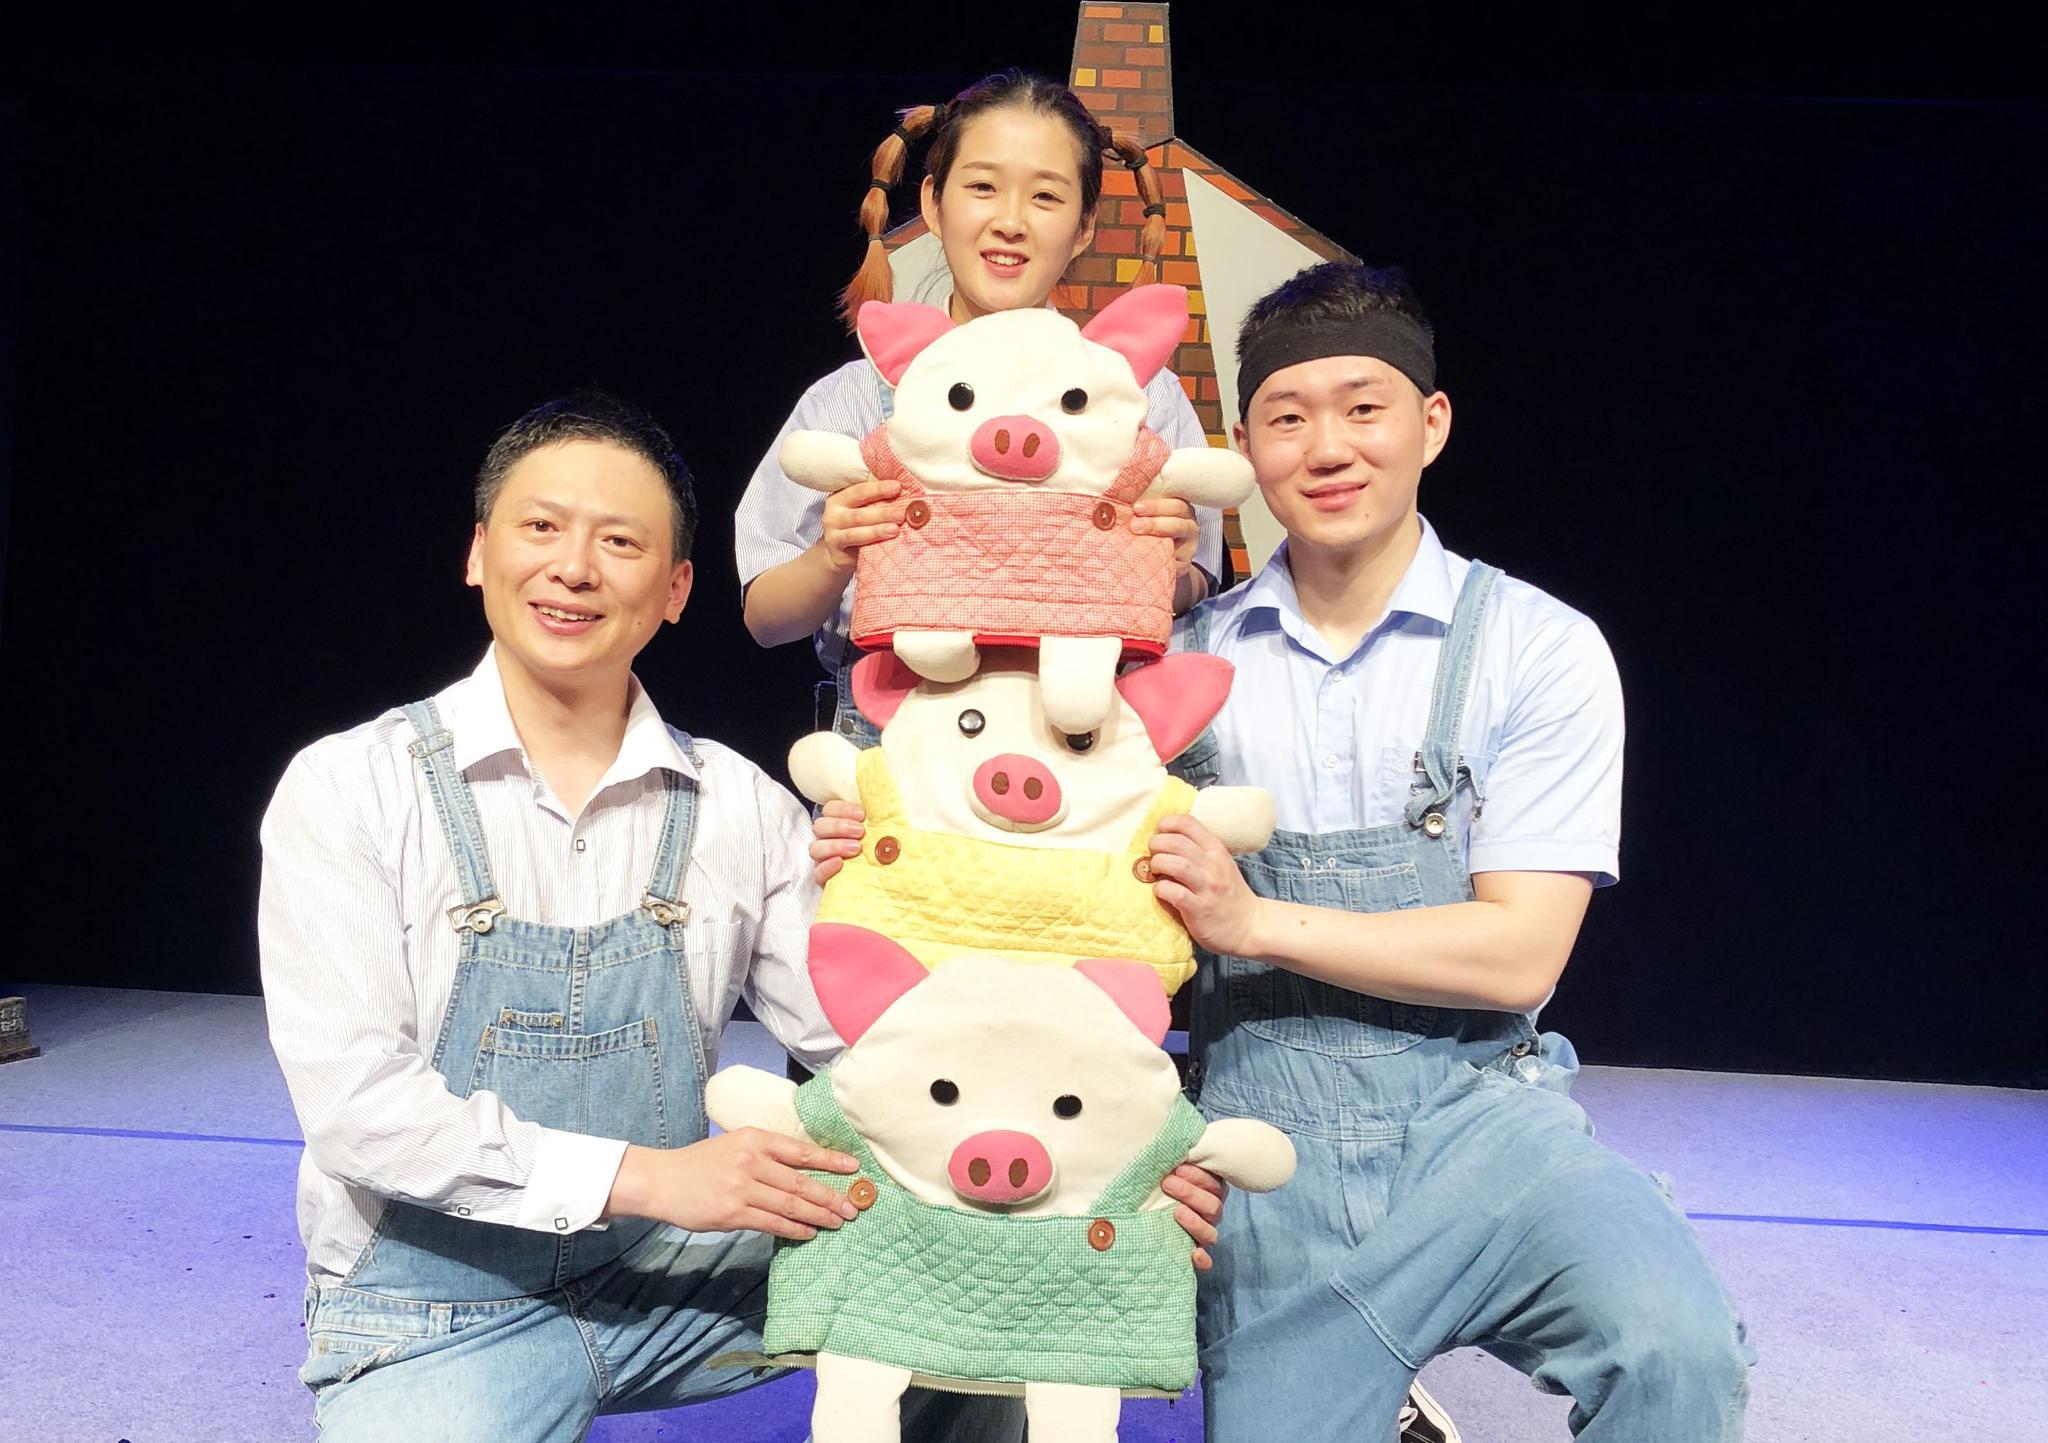 10部作品将亮相中国儿艺第六届新春儿童戏剧嘉年华图片